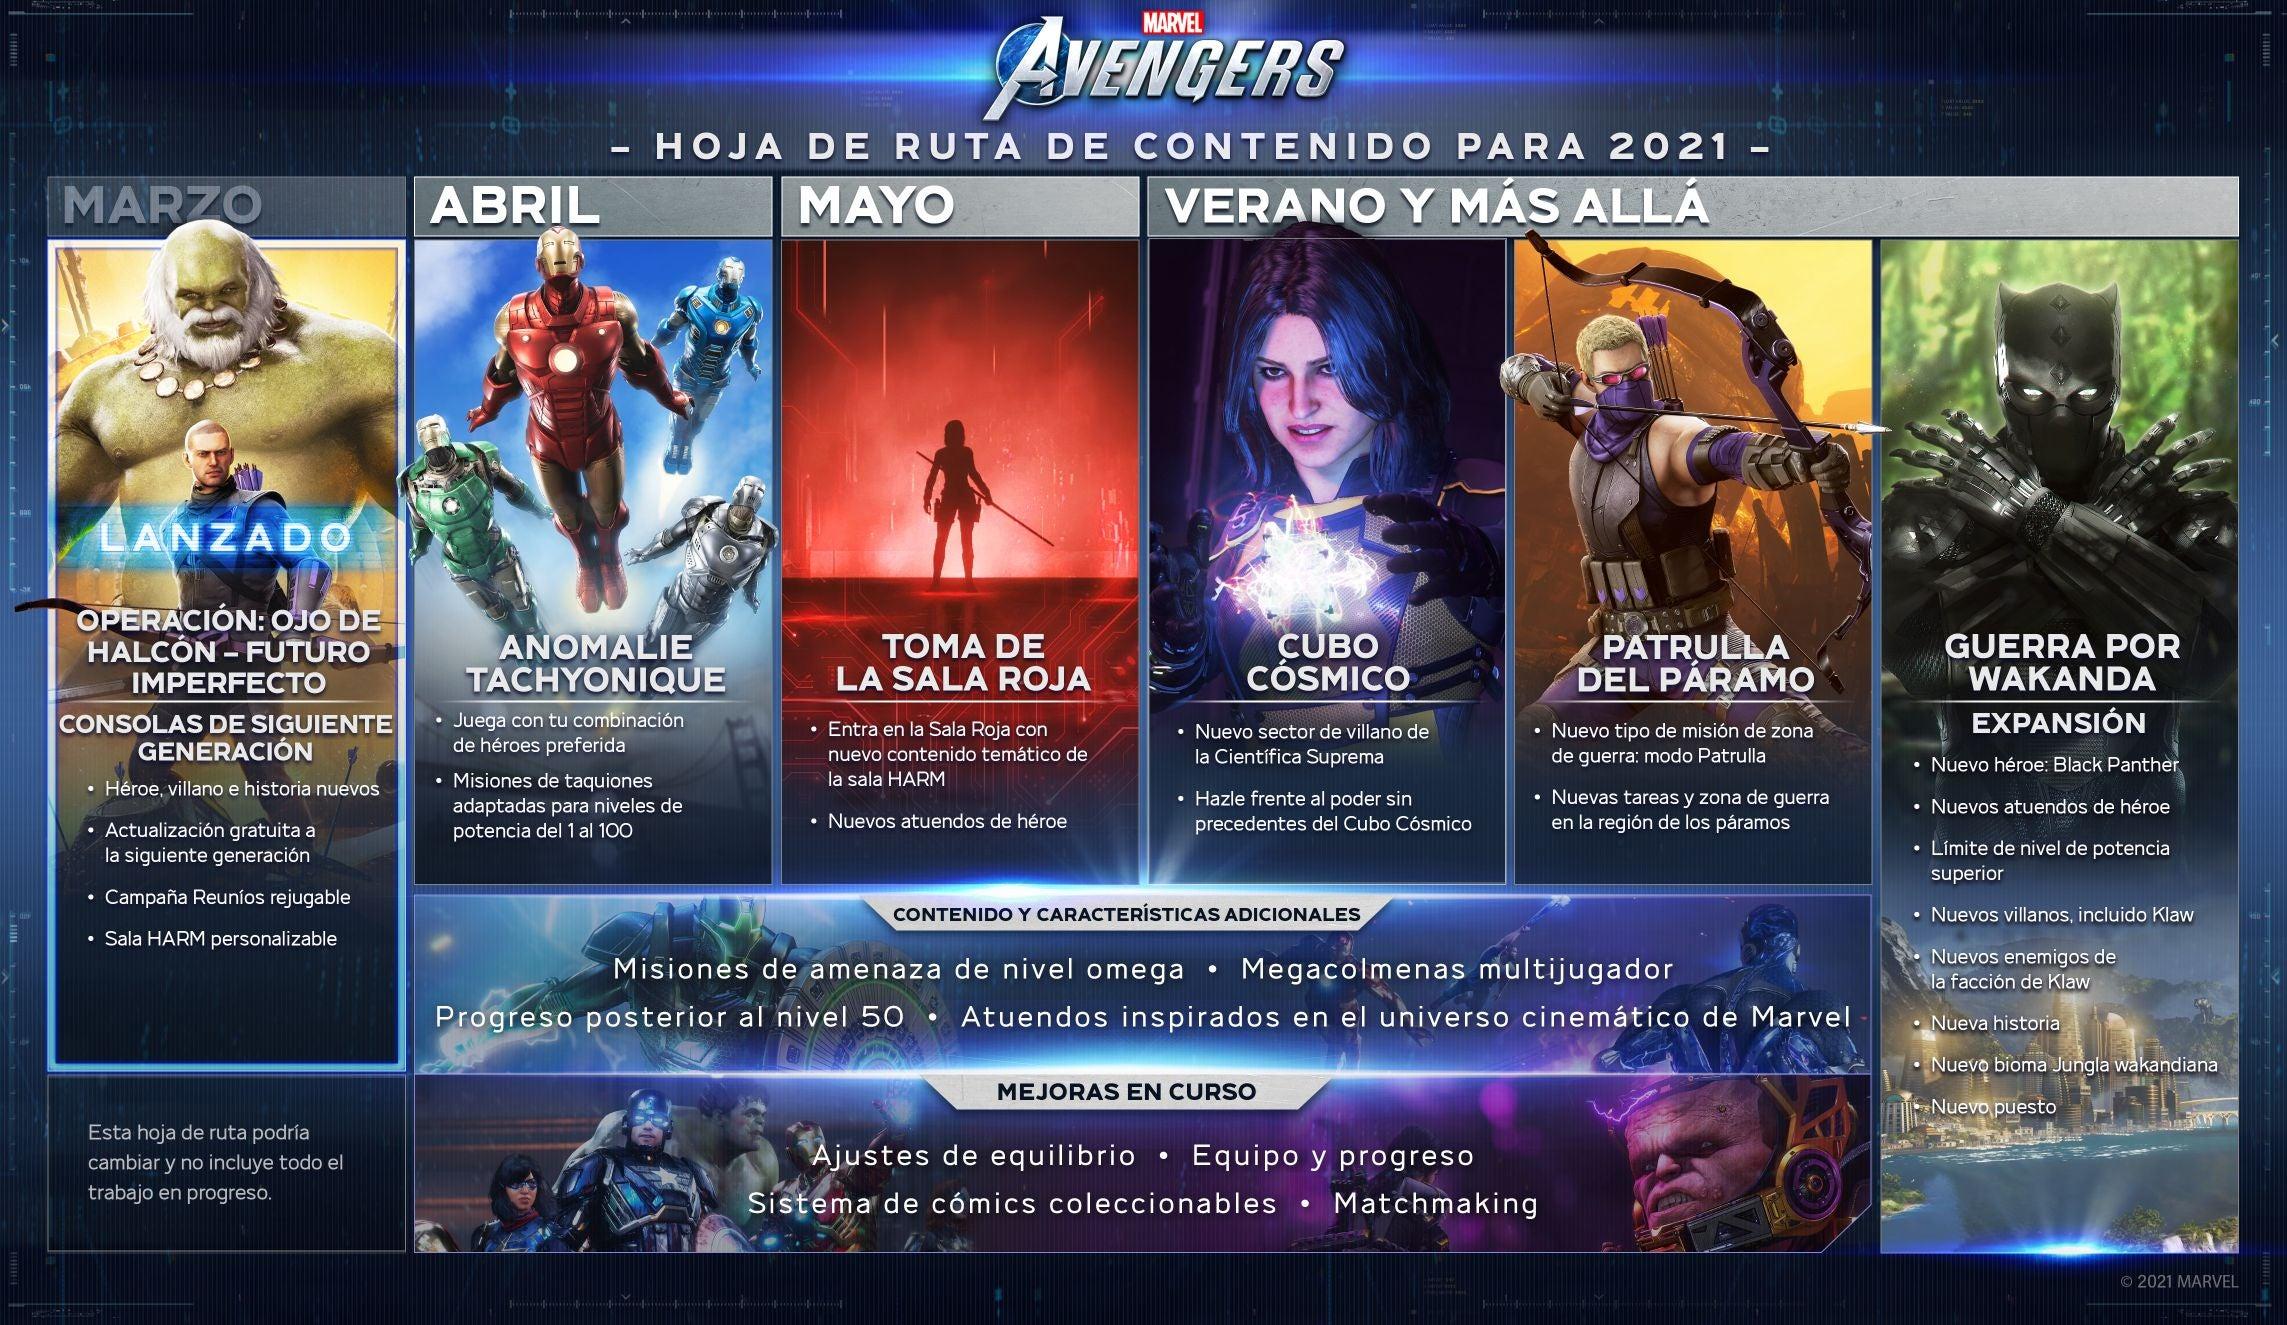 Marvel's Avengers presenta su hoja de ruta de contenidos para el mes de abril